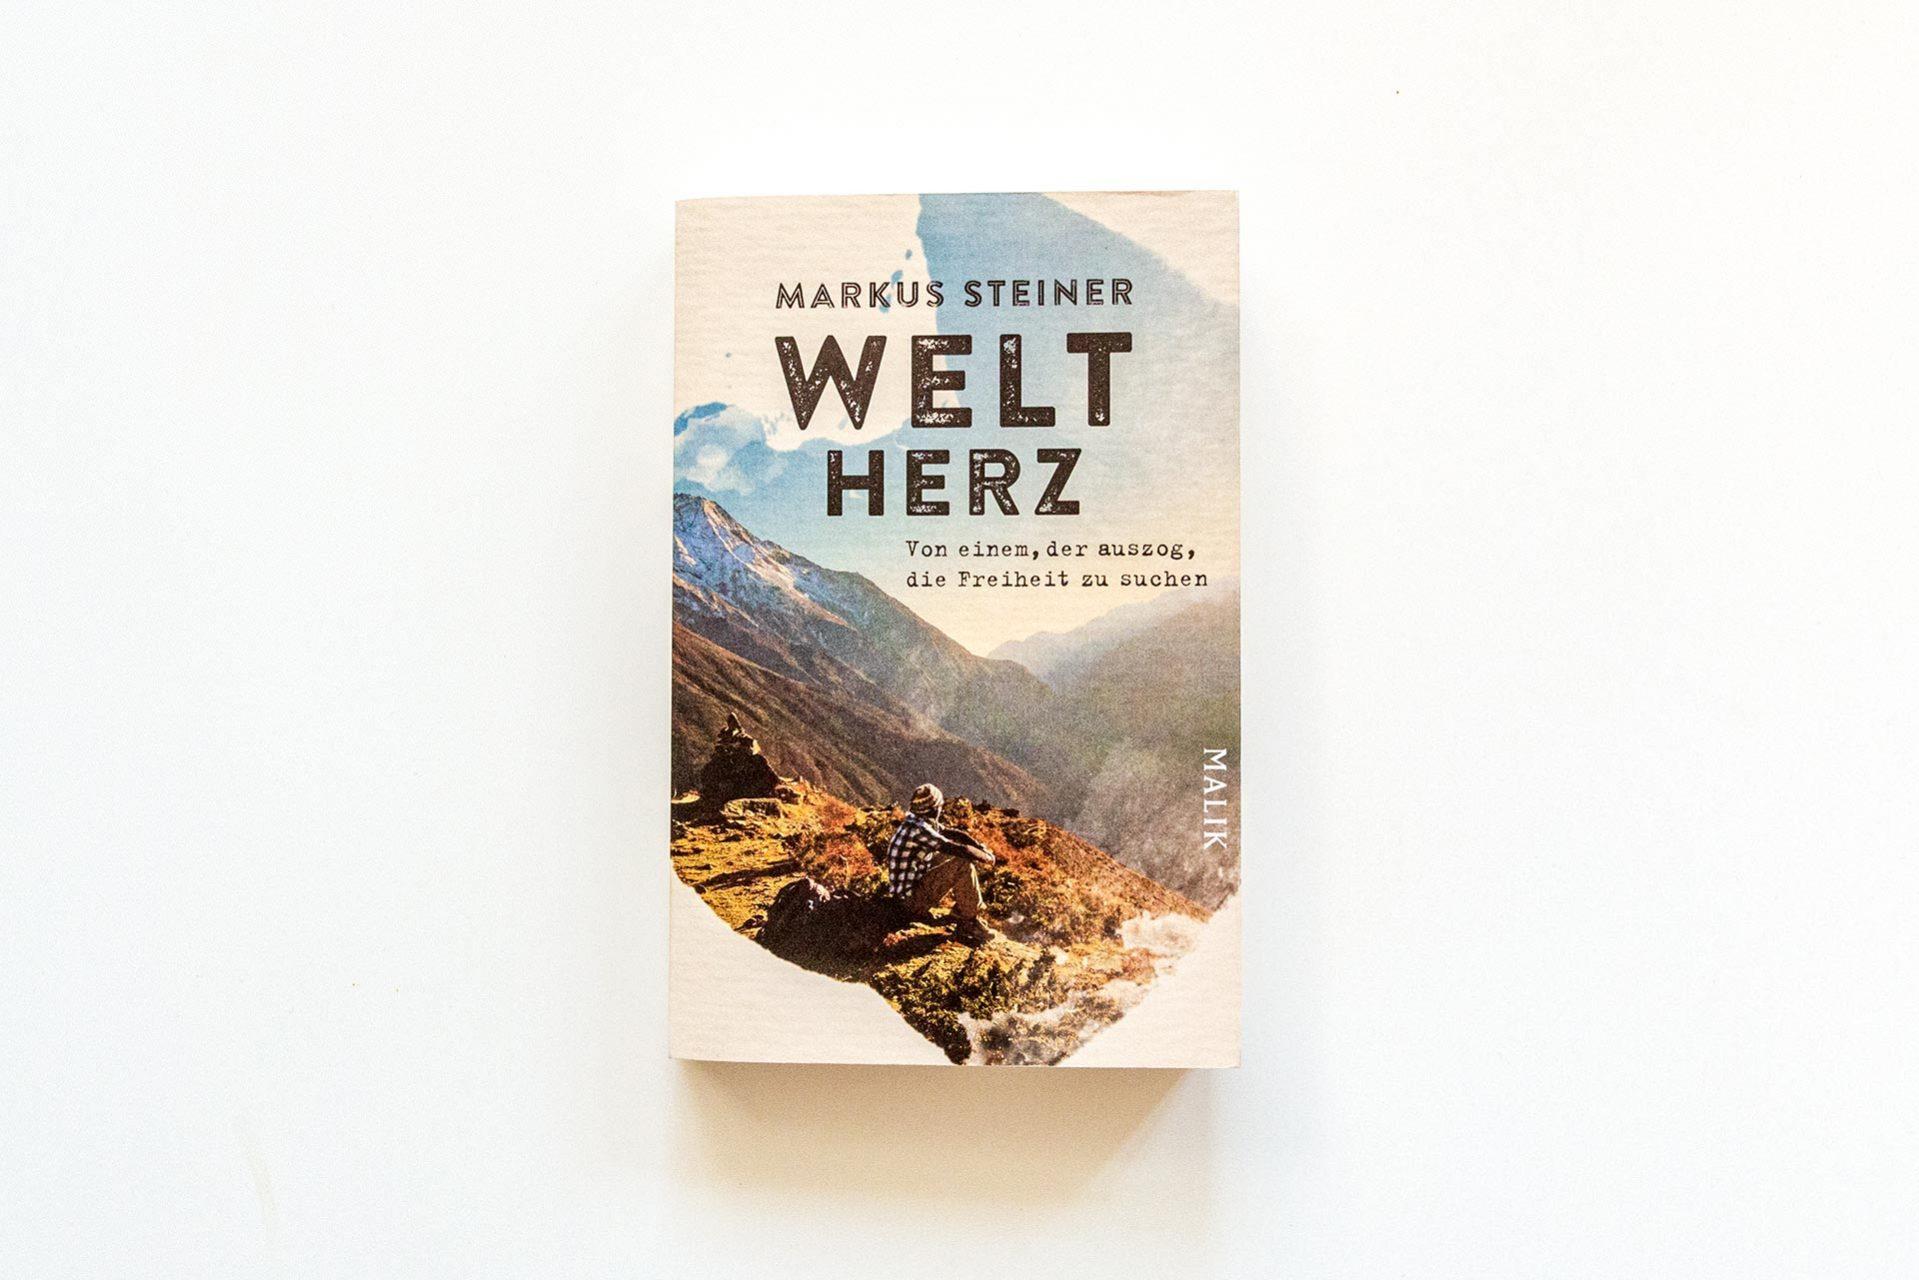 """Einband des tollen Buches """"Weltherz"""" von Markus Steiner"""